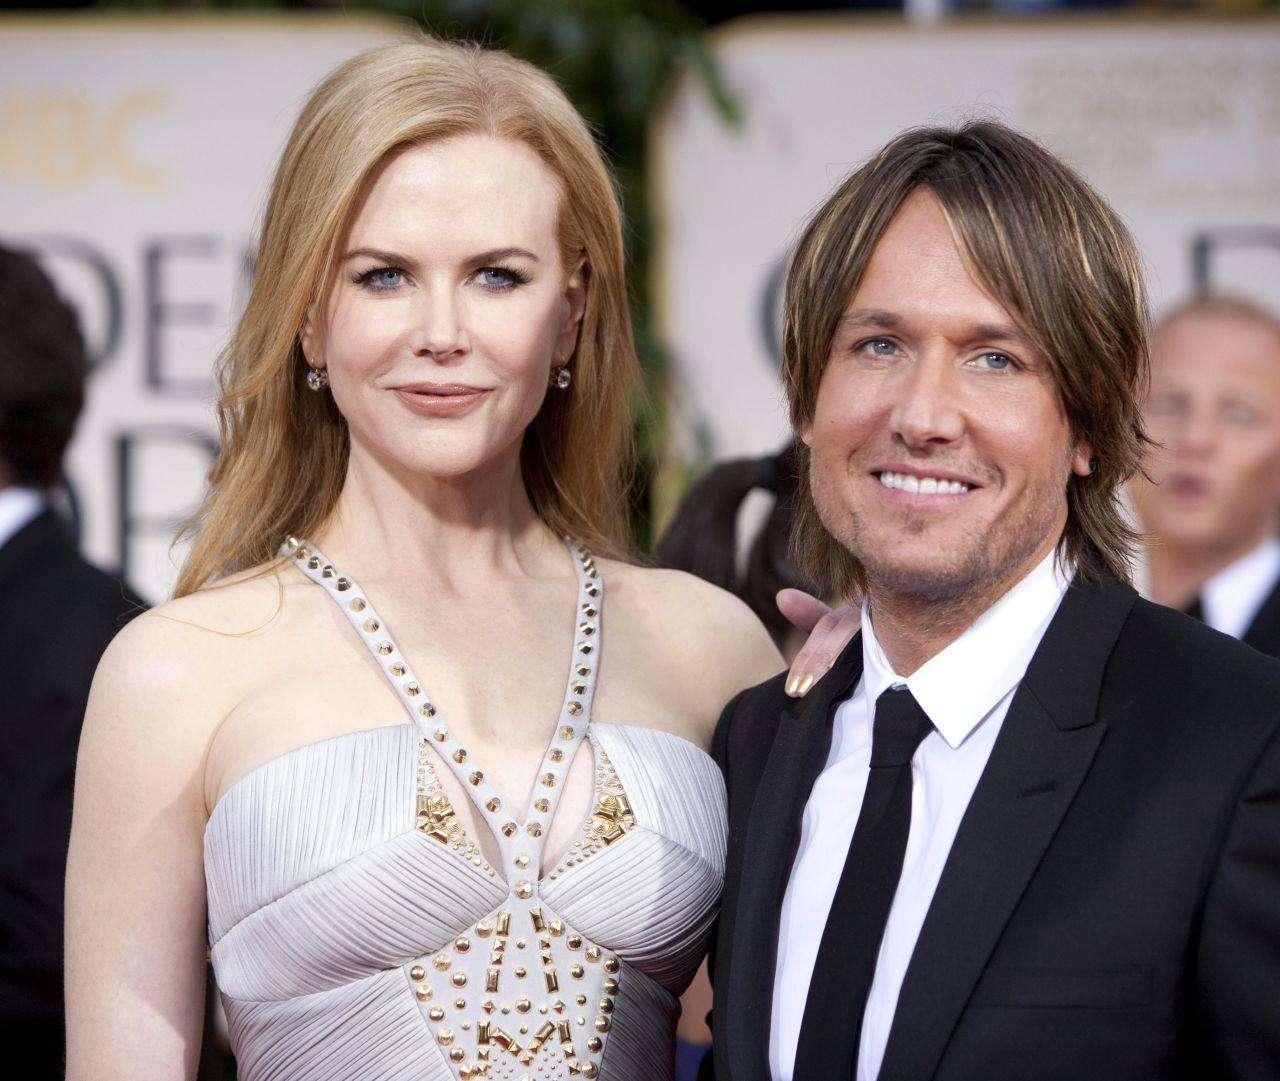 ¿Nicole Kidman tiene celos de J Lo? Foto: Agencia Mezcalent